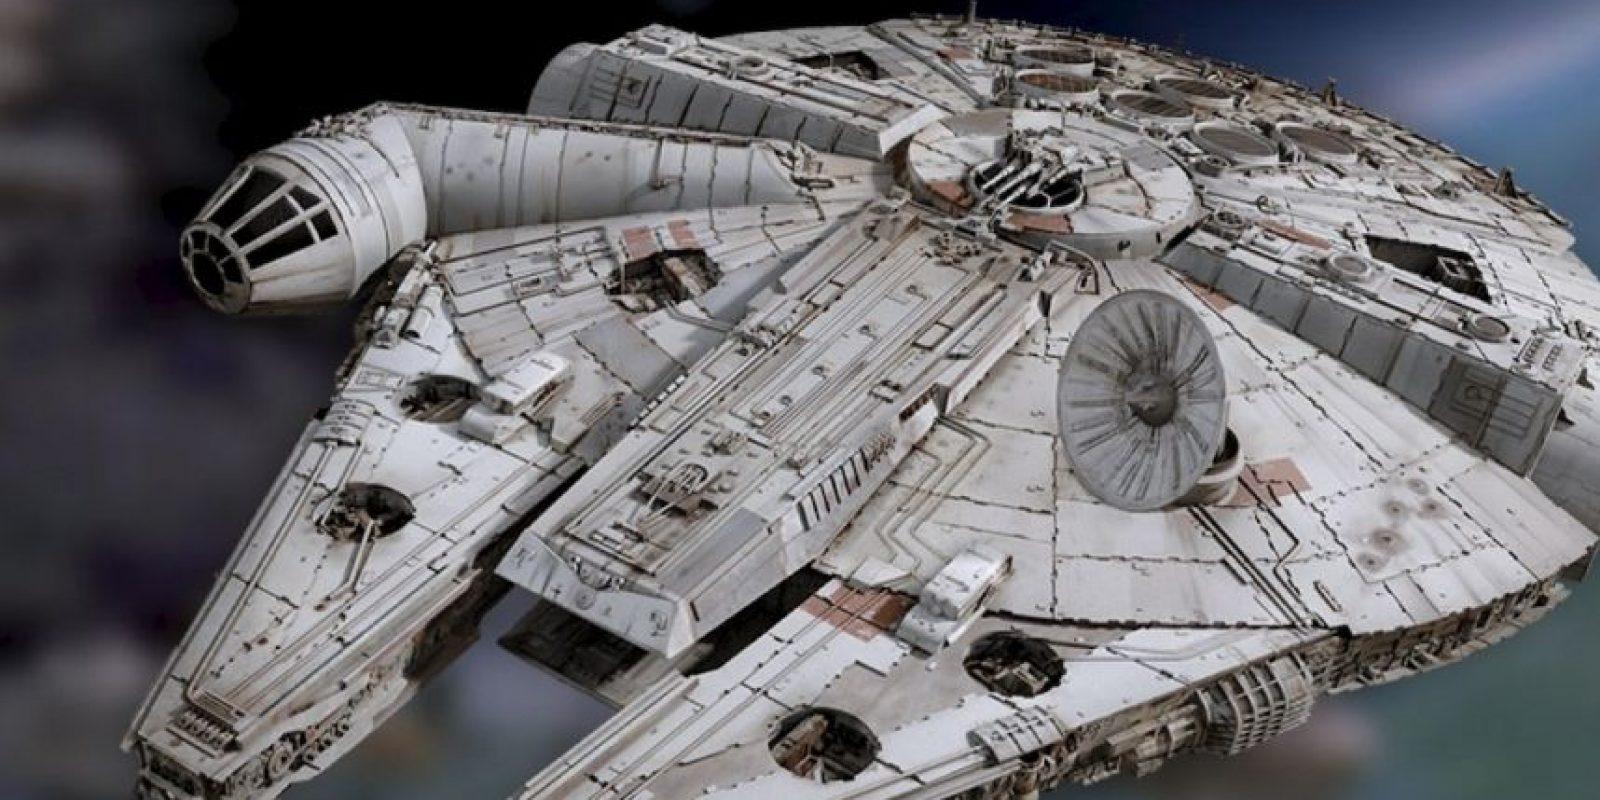 En la nueva atracción los visitantes podrán enfrentarse a una batalla dentro del Millenium Falcon. Foto:Star Wars/Facebook